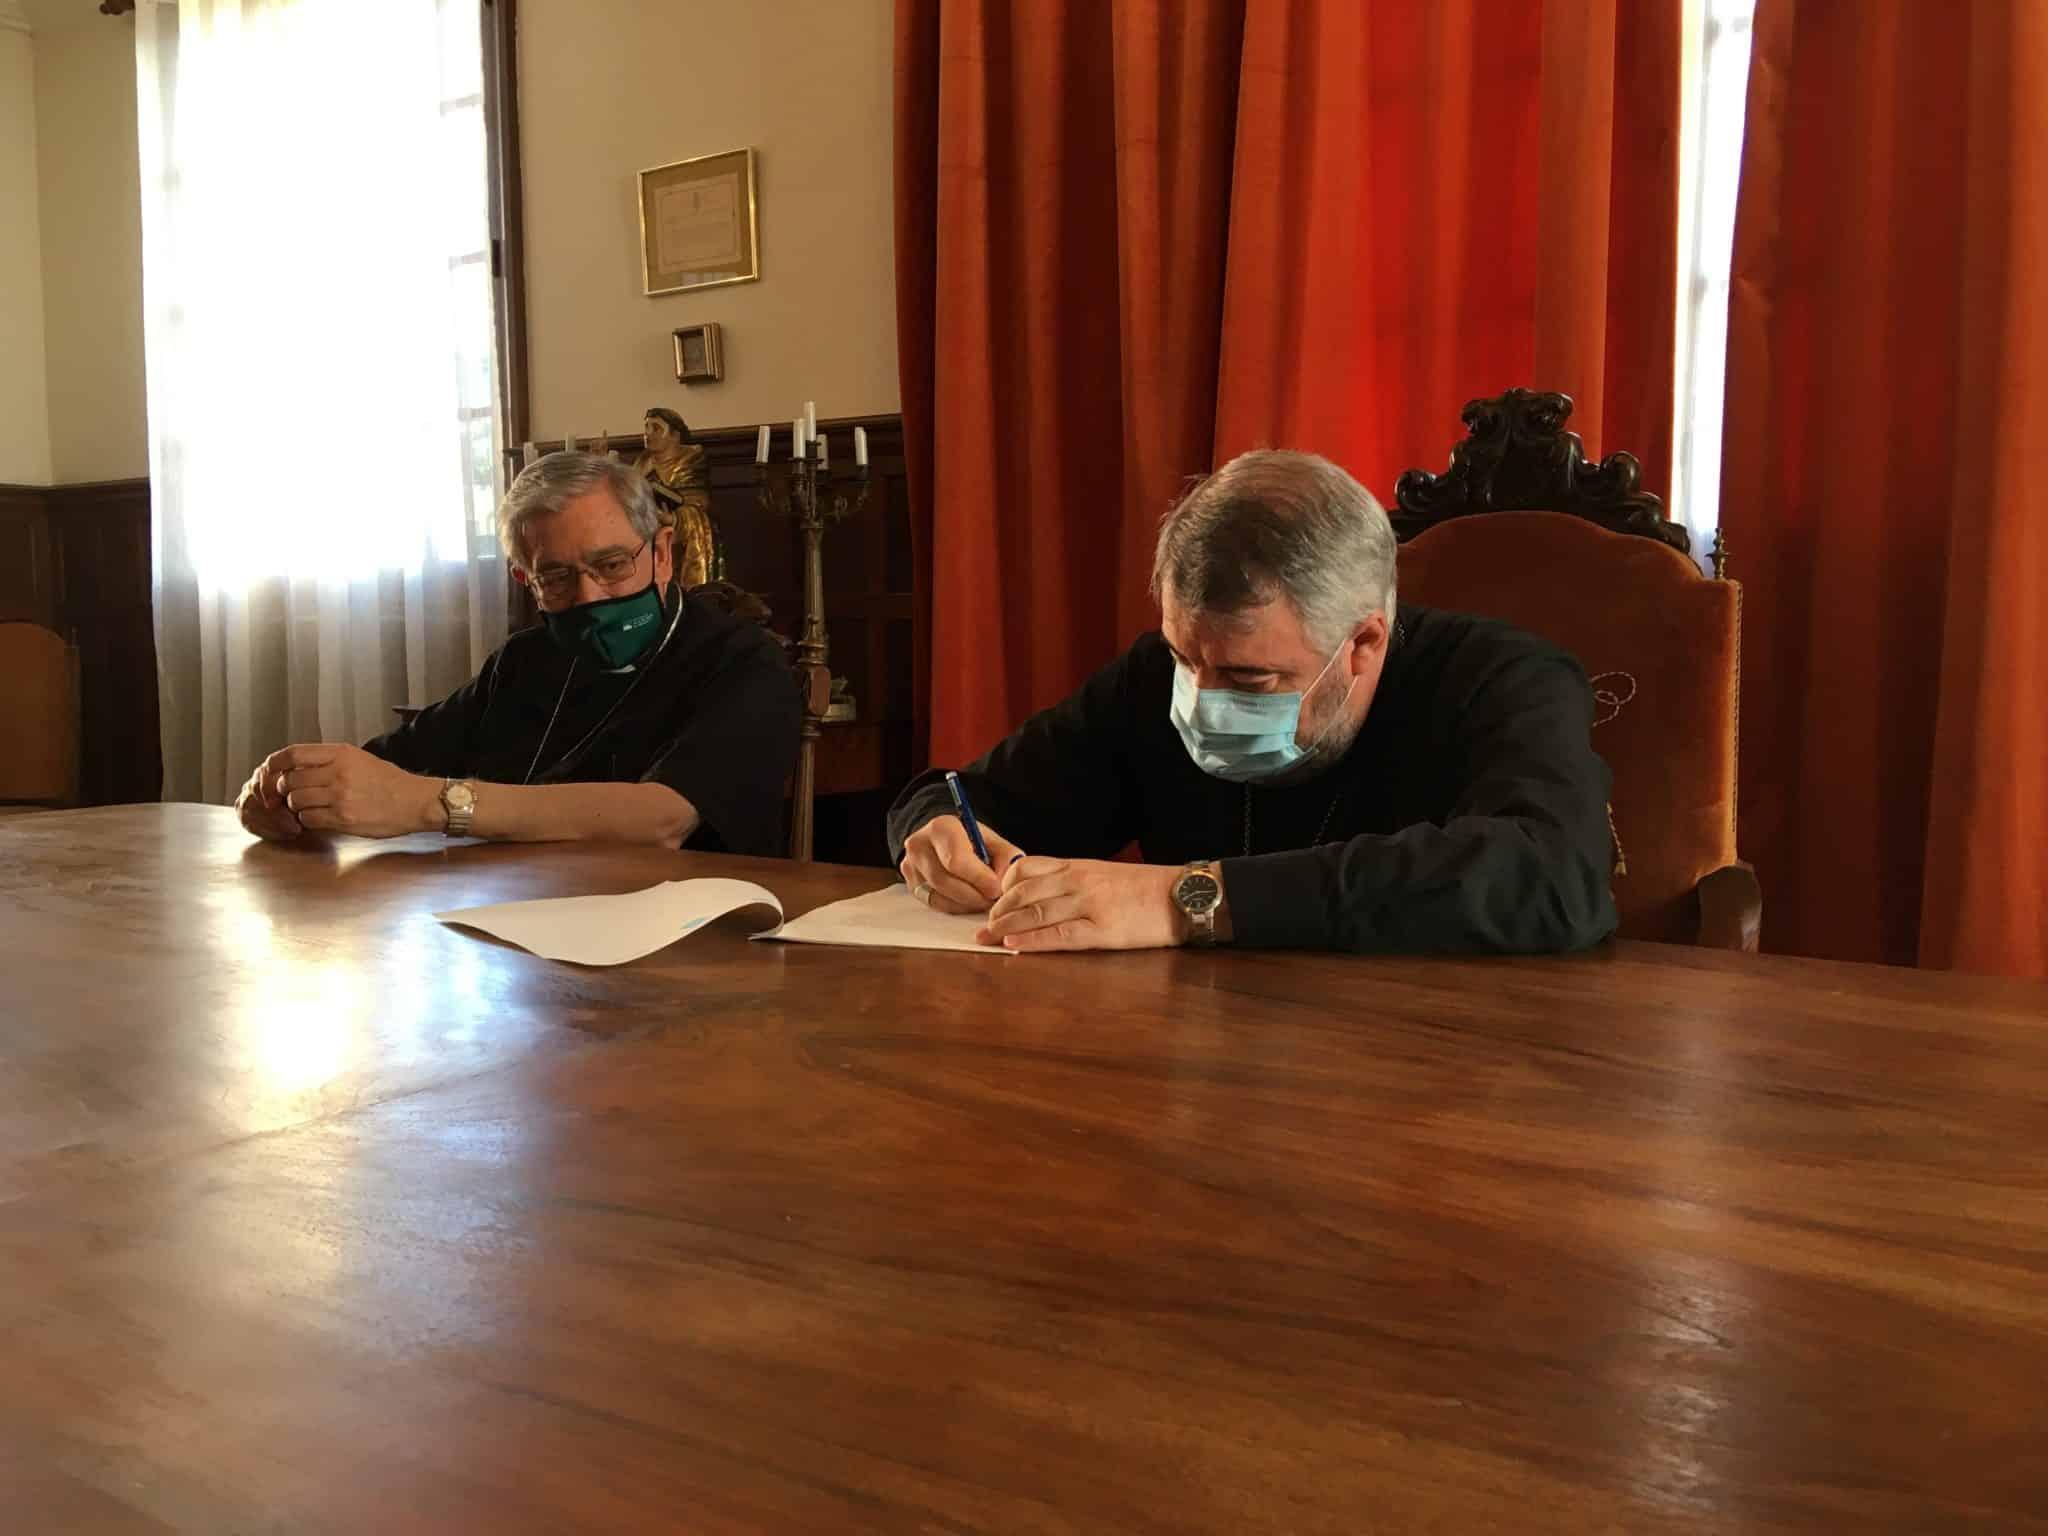 La orden benedictina dona a la Diócesis el monasterio de Valvanera 1